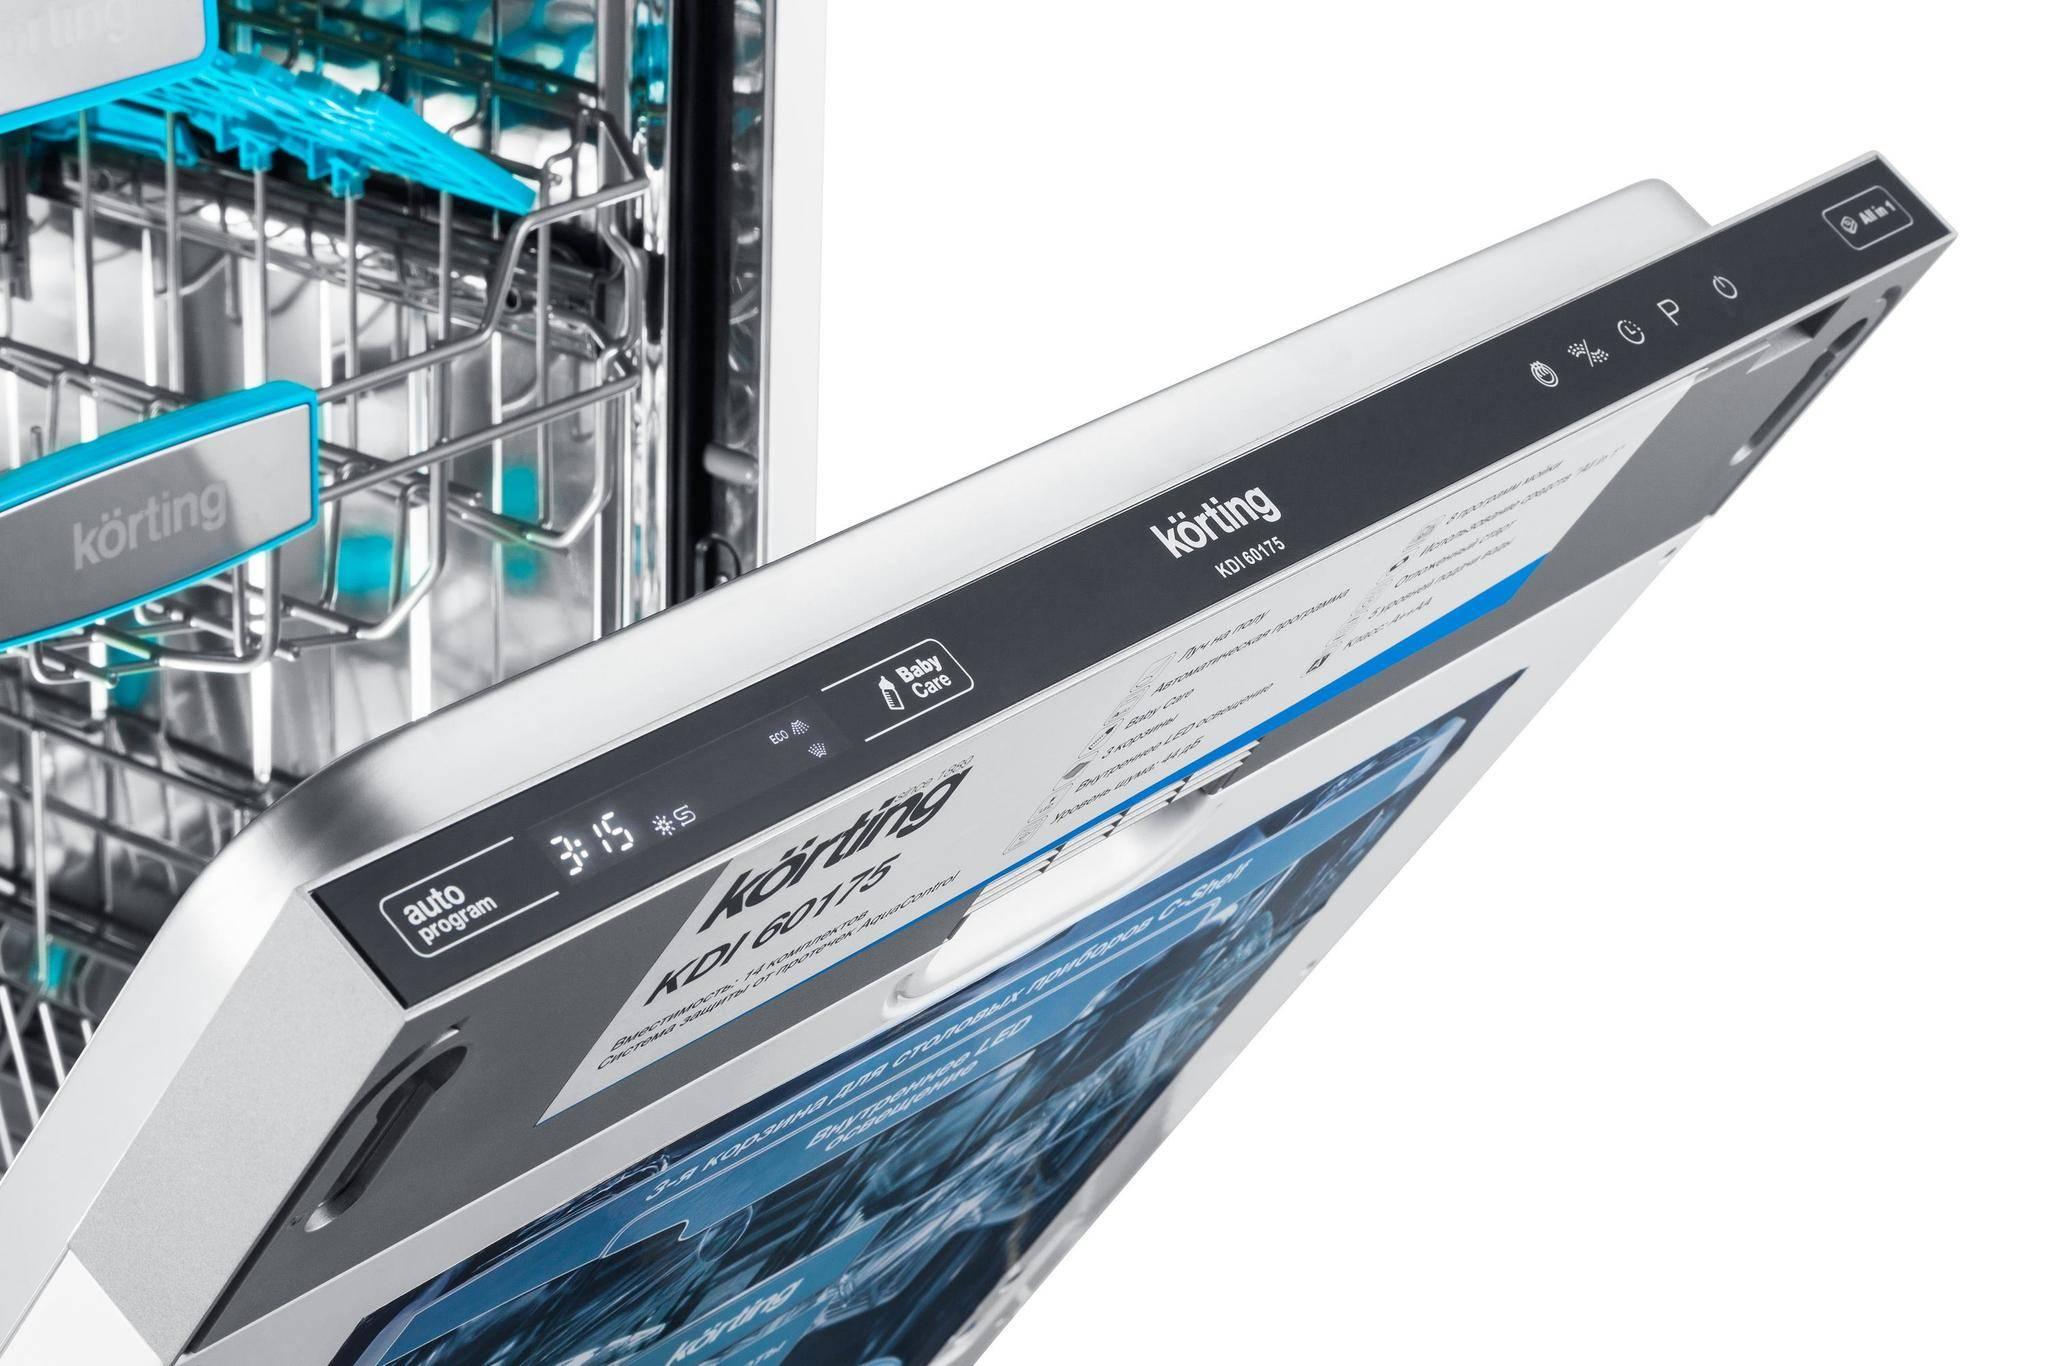 Встраиваемые посудомоечные машины korting: популярные модели   comp-plus.ru